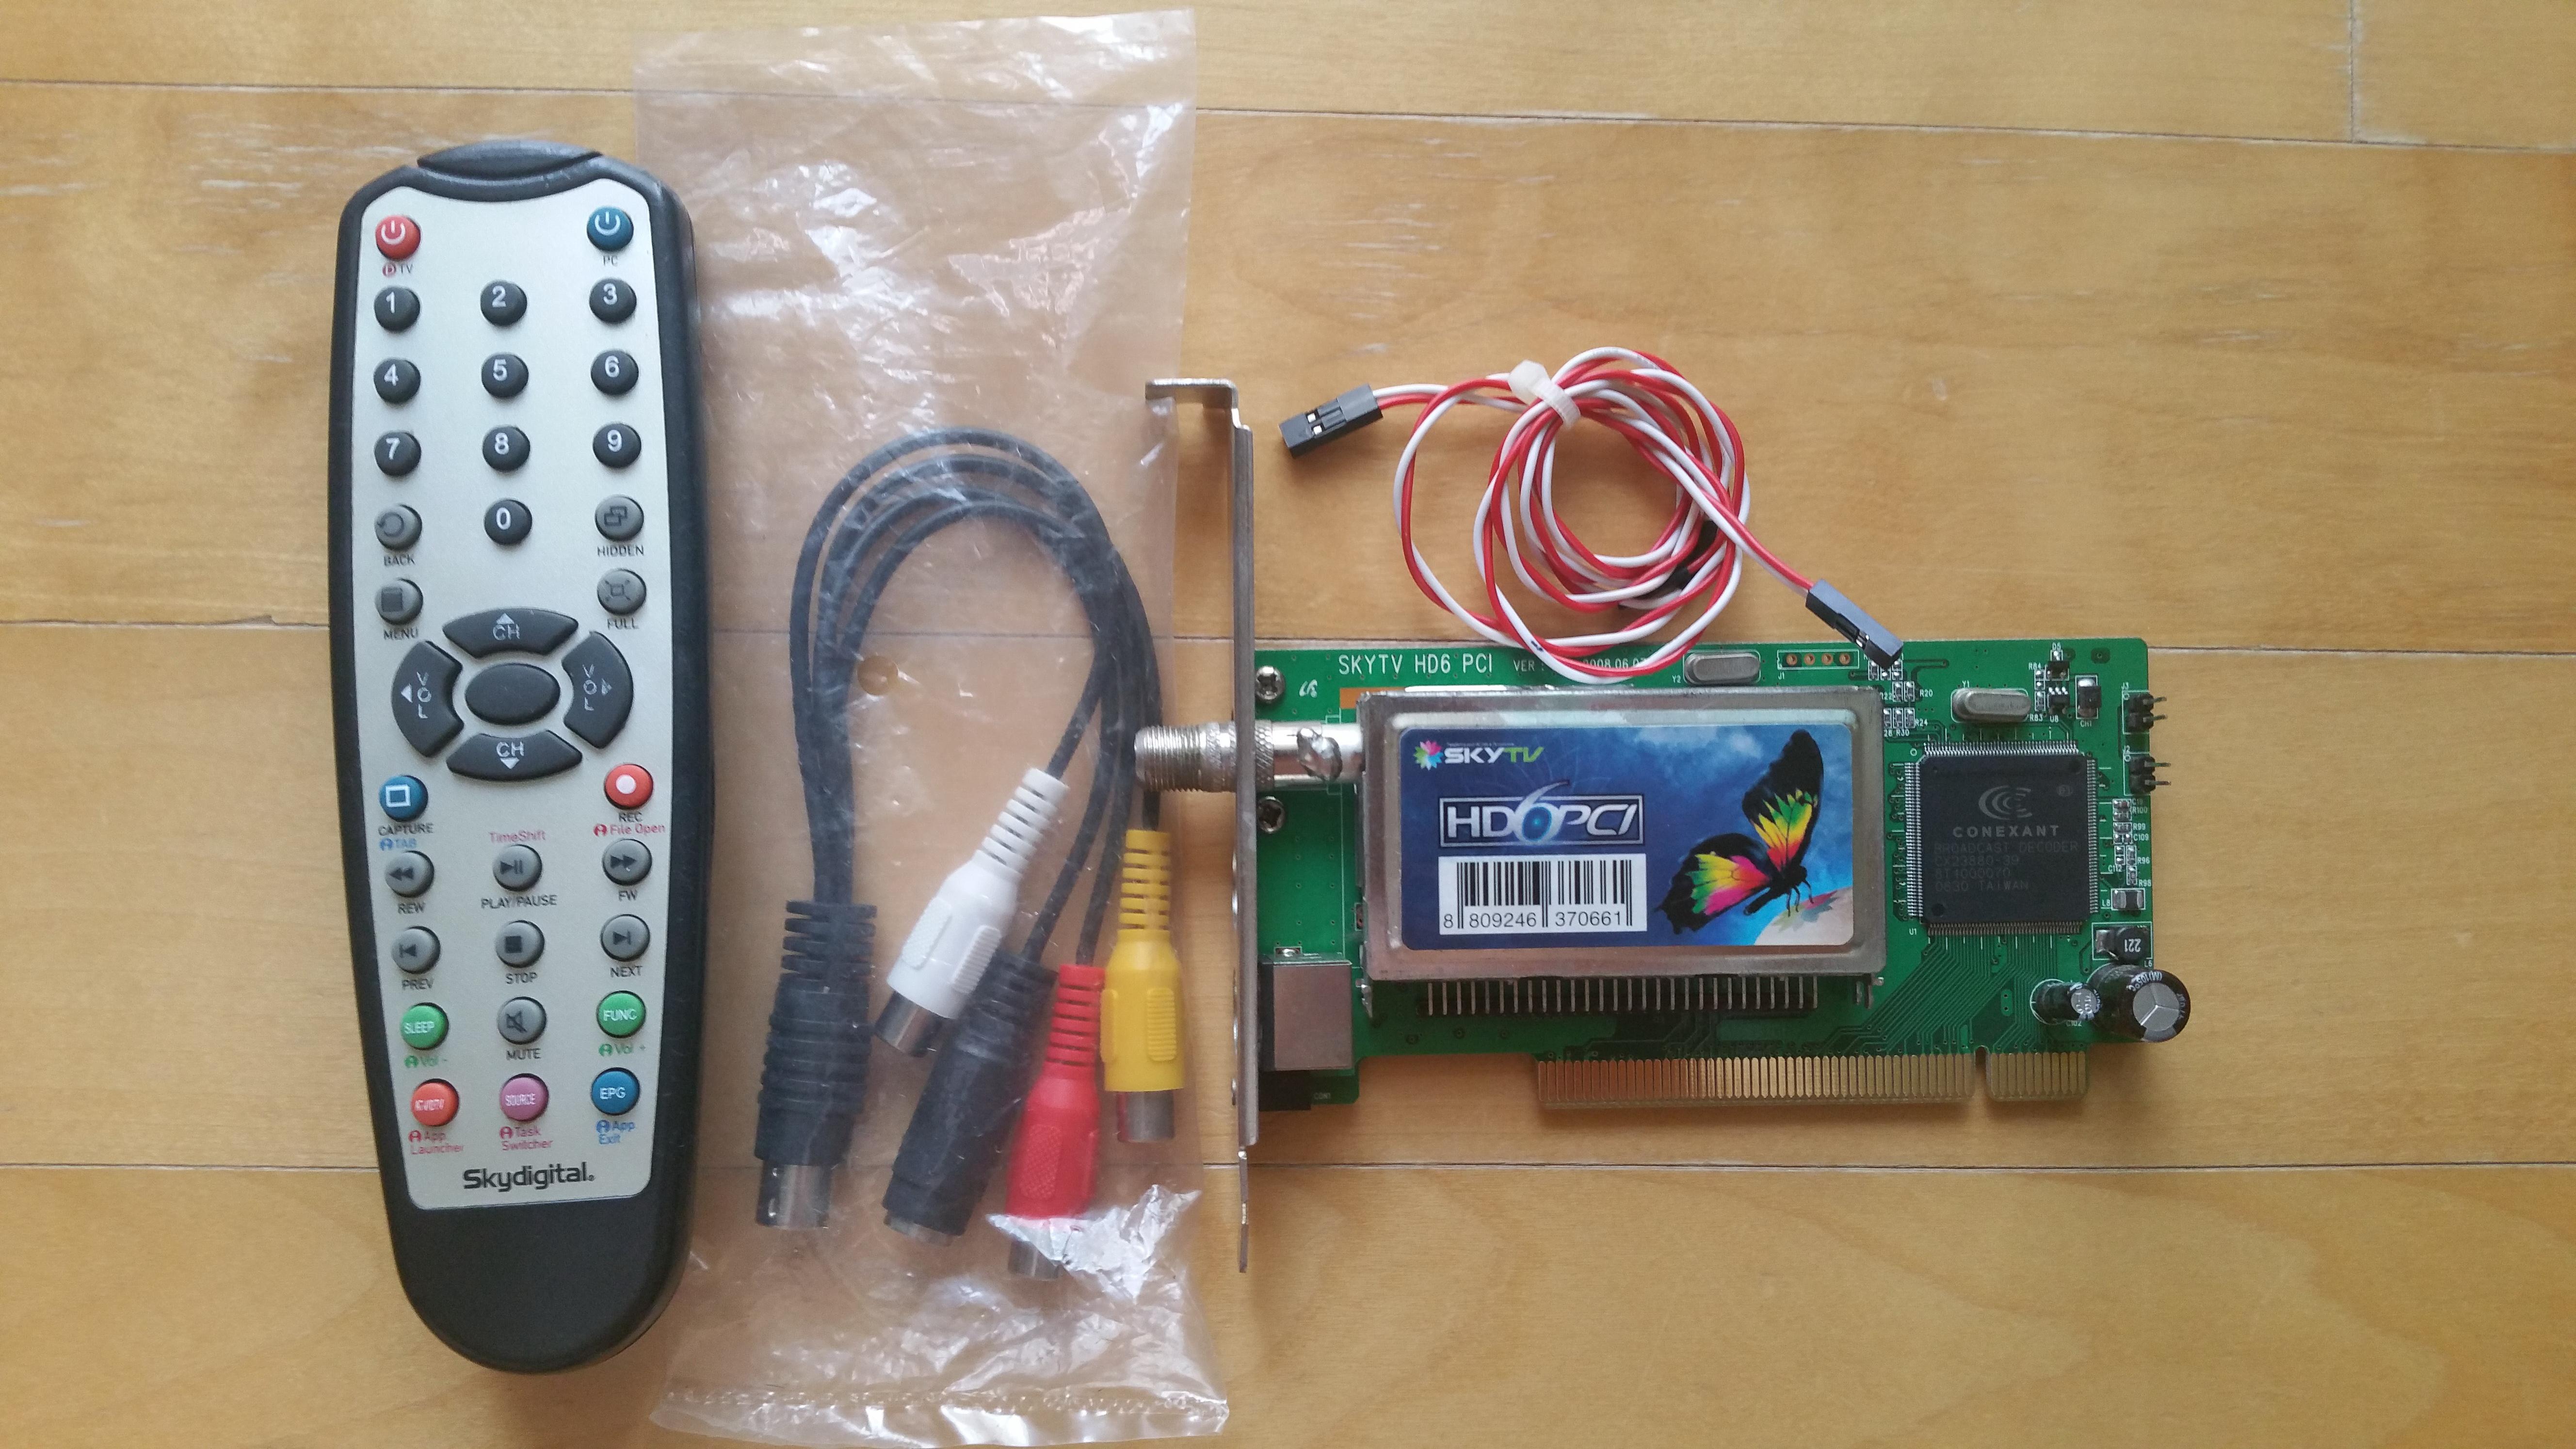 스카이디지탈 SKYTV HD6 PCI TV  구성품.jpg